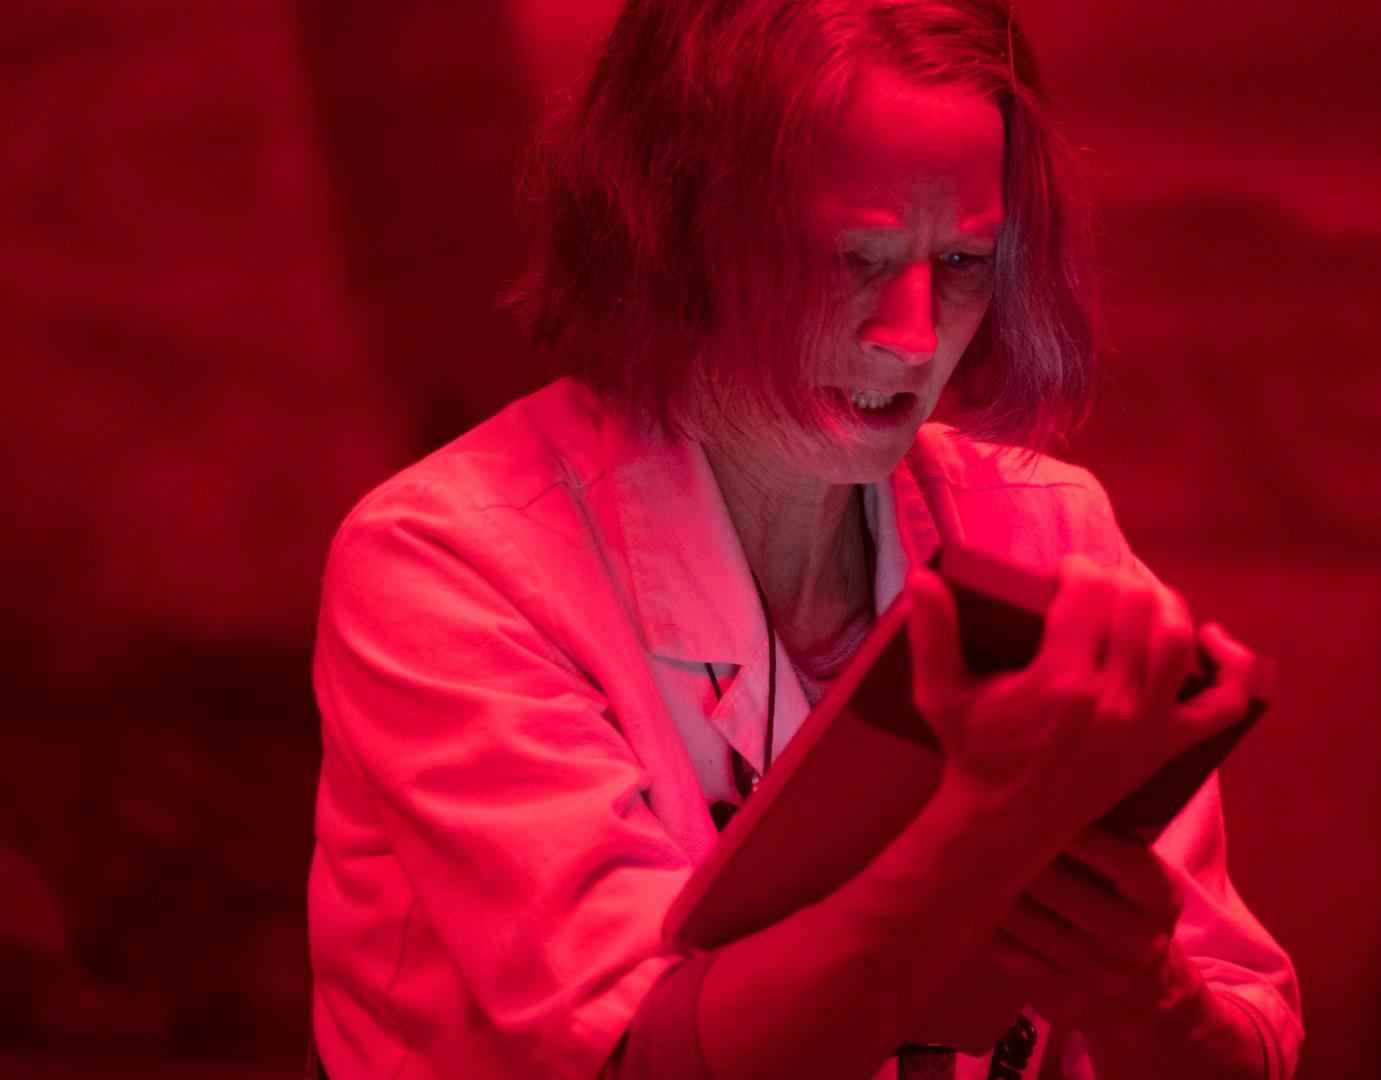 Hotel Artemis film 2019